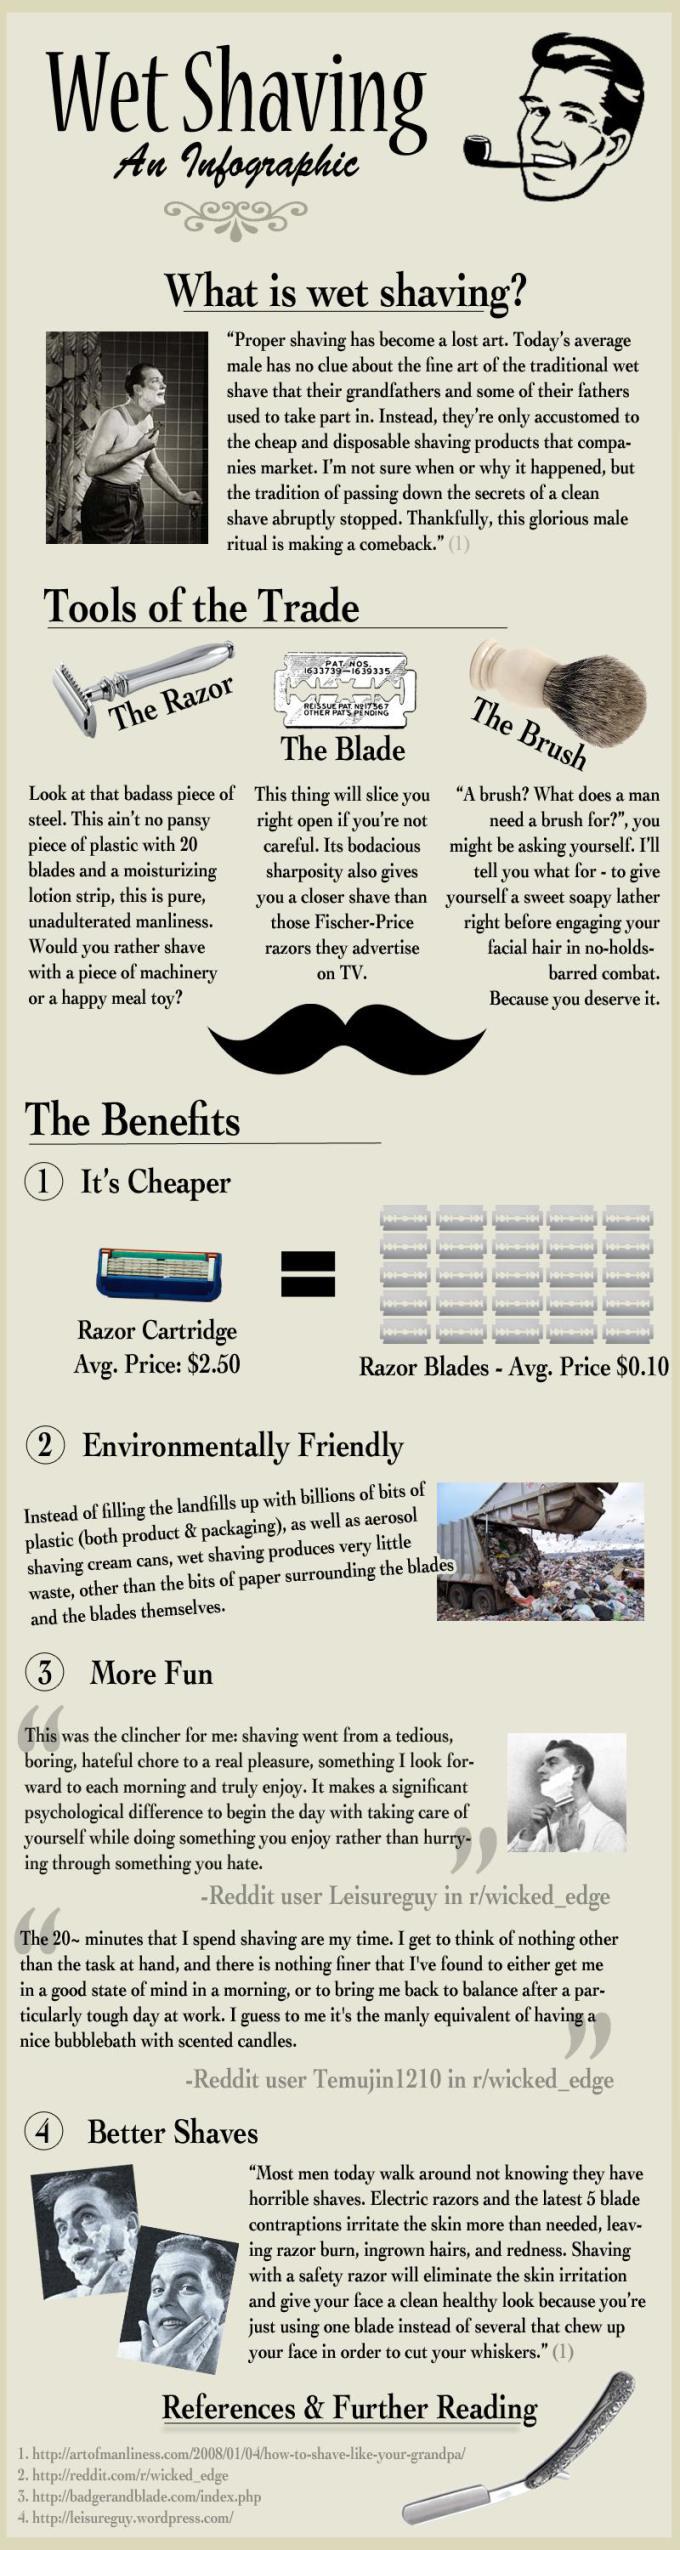 Wet Shaving Infographic